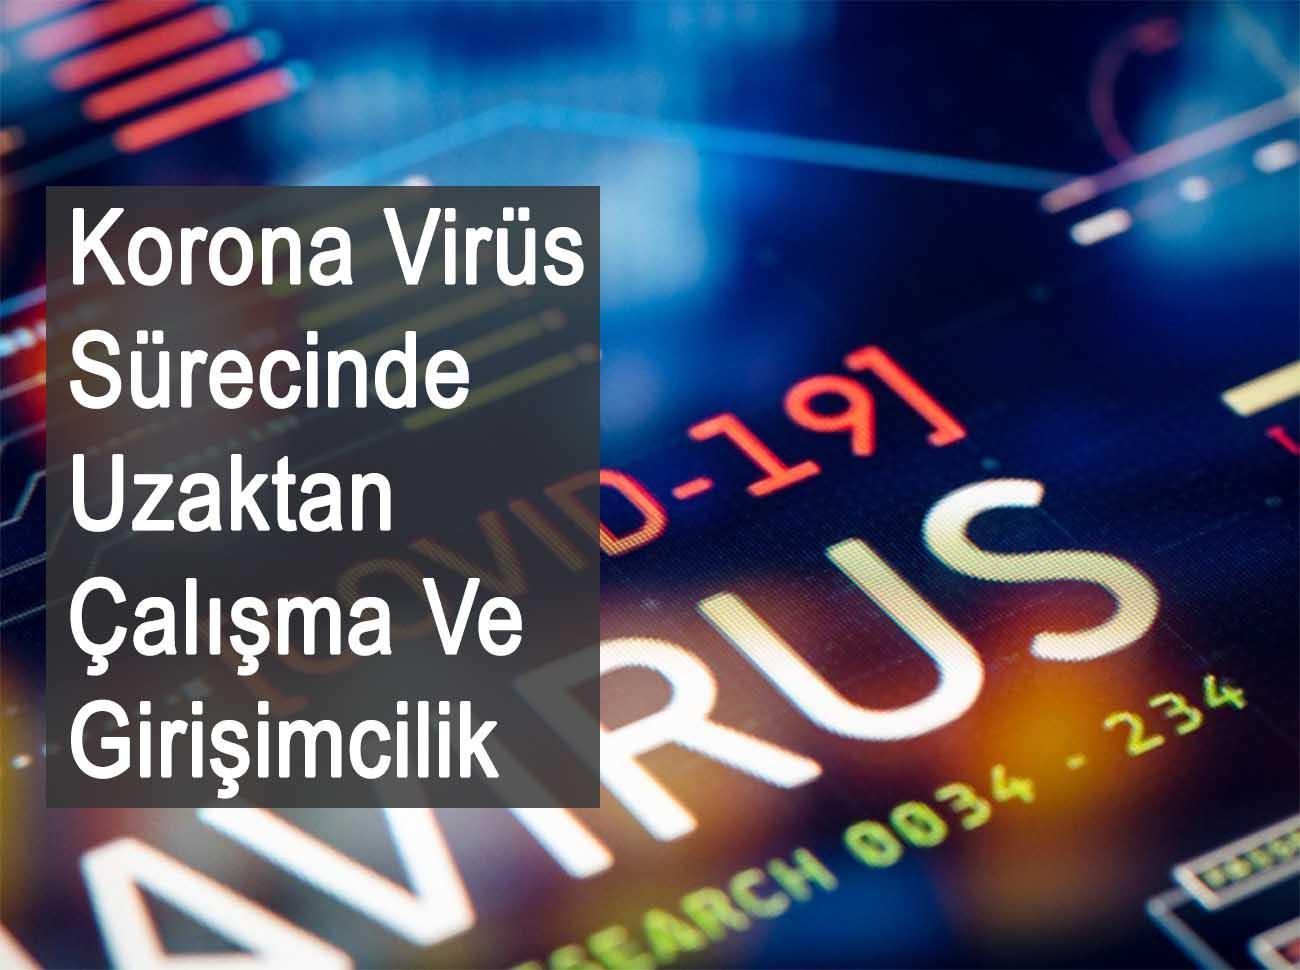 Korona Virüs Sürecinde Uzaktan Çalışma Ve Girişimcilik